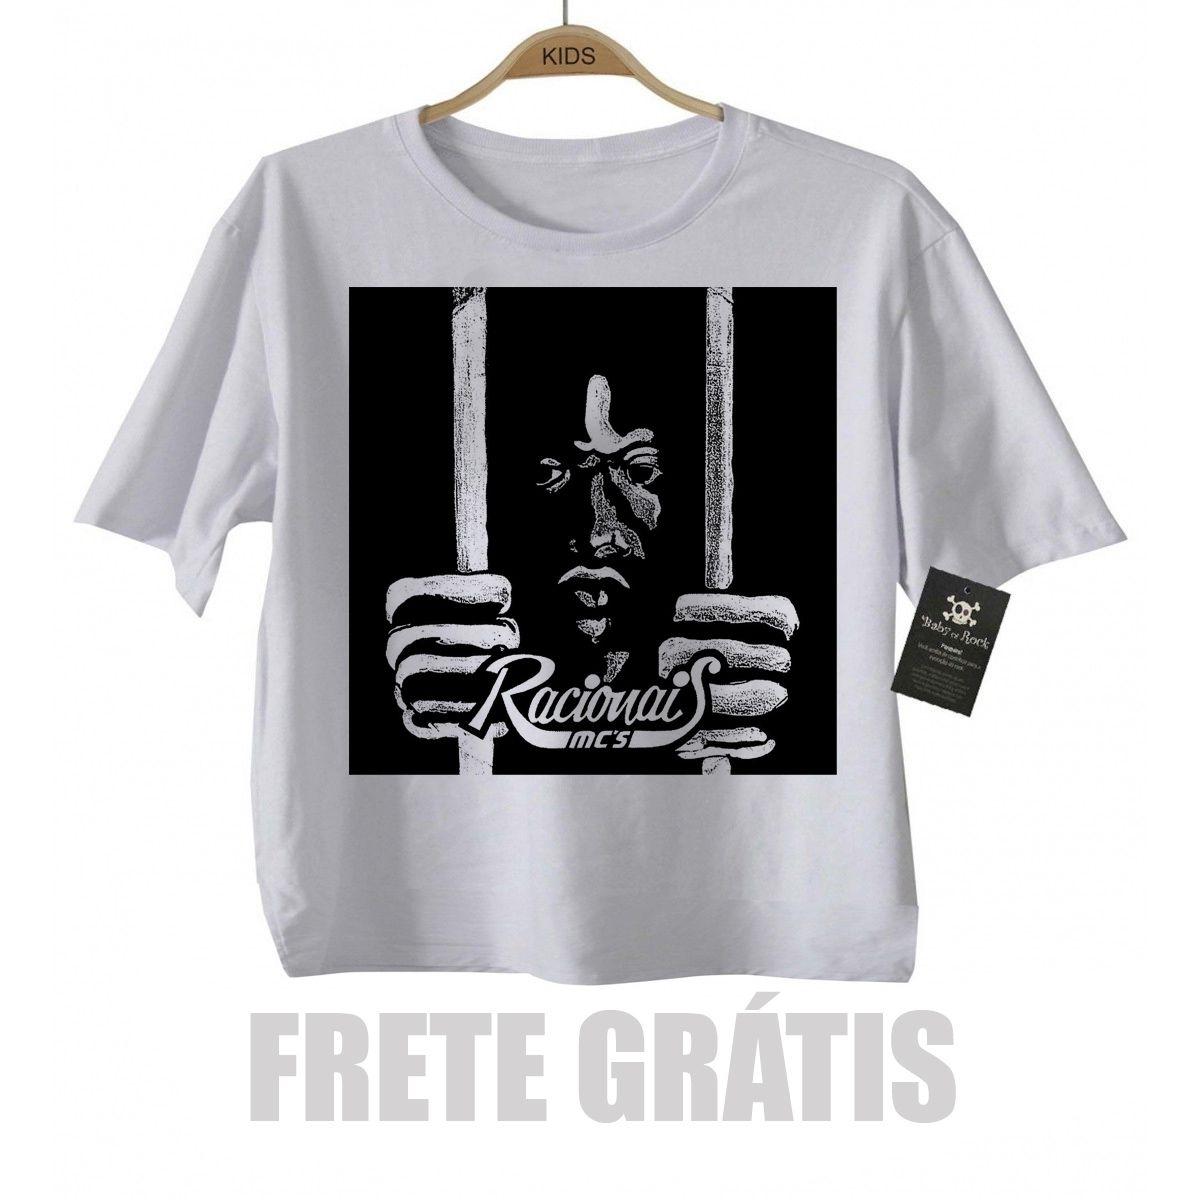 Camiseta Infantil Rap / Hip hop Racionais Mcs - White  - Baby Monster S/A